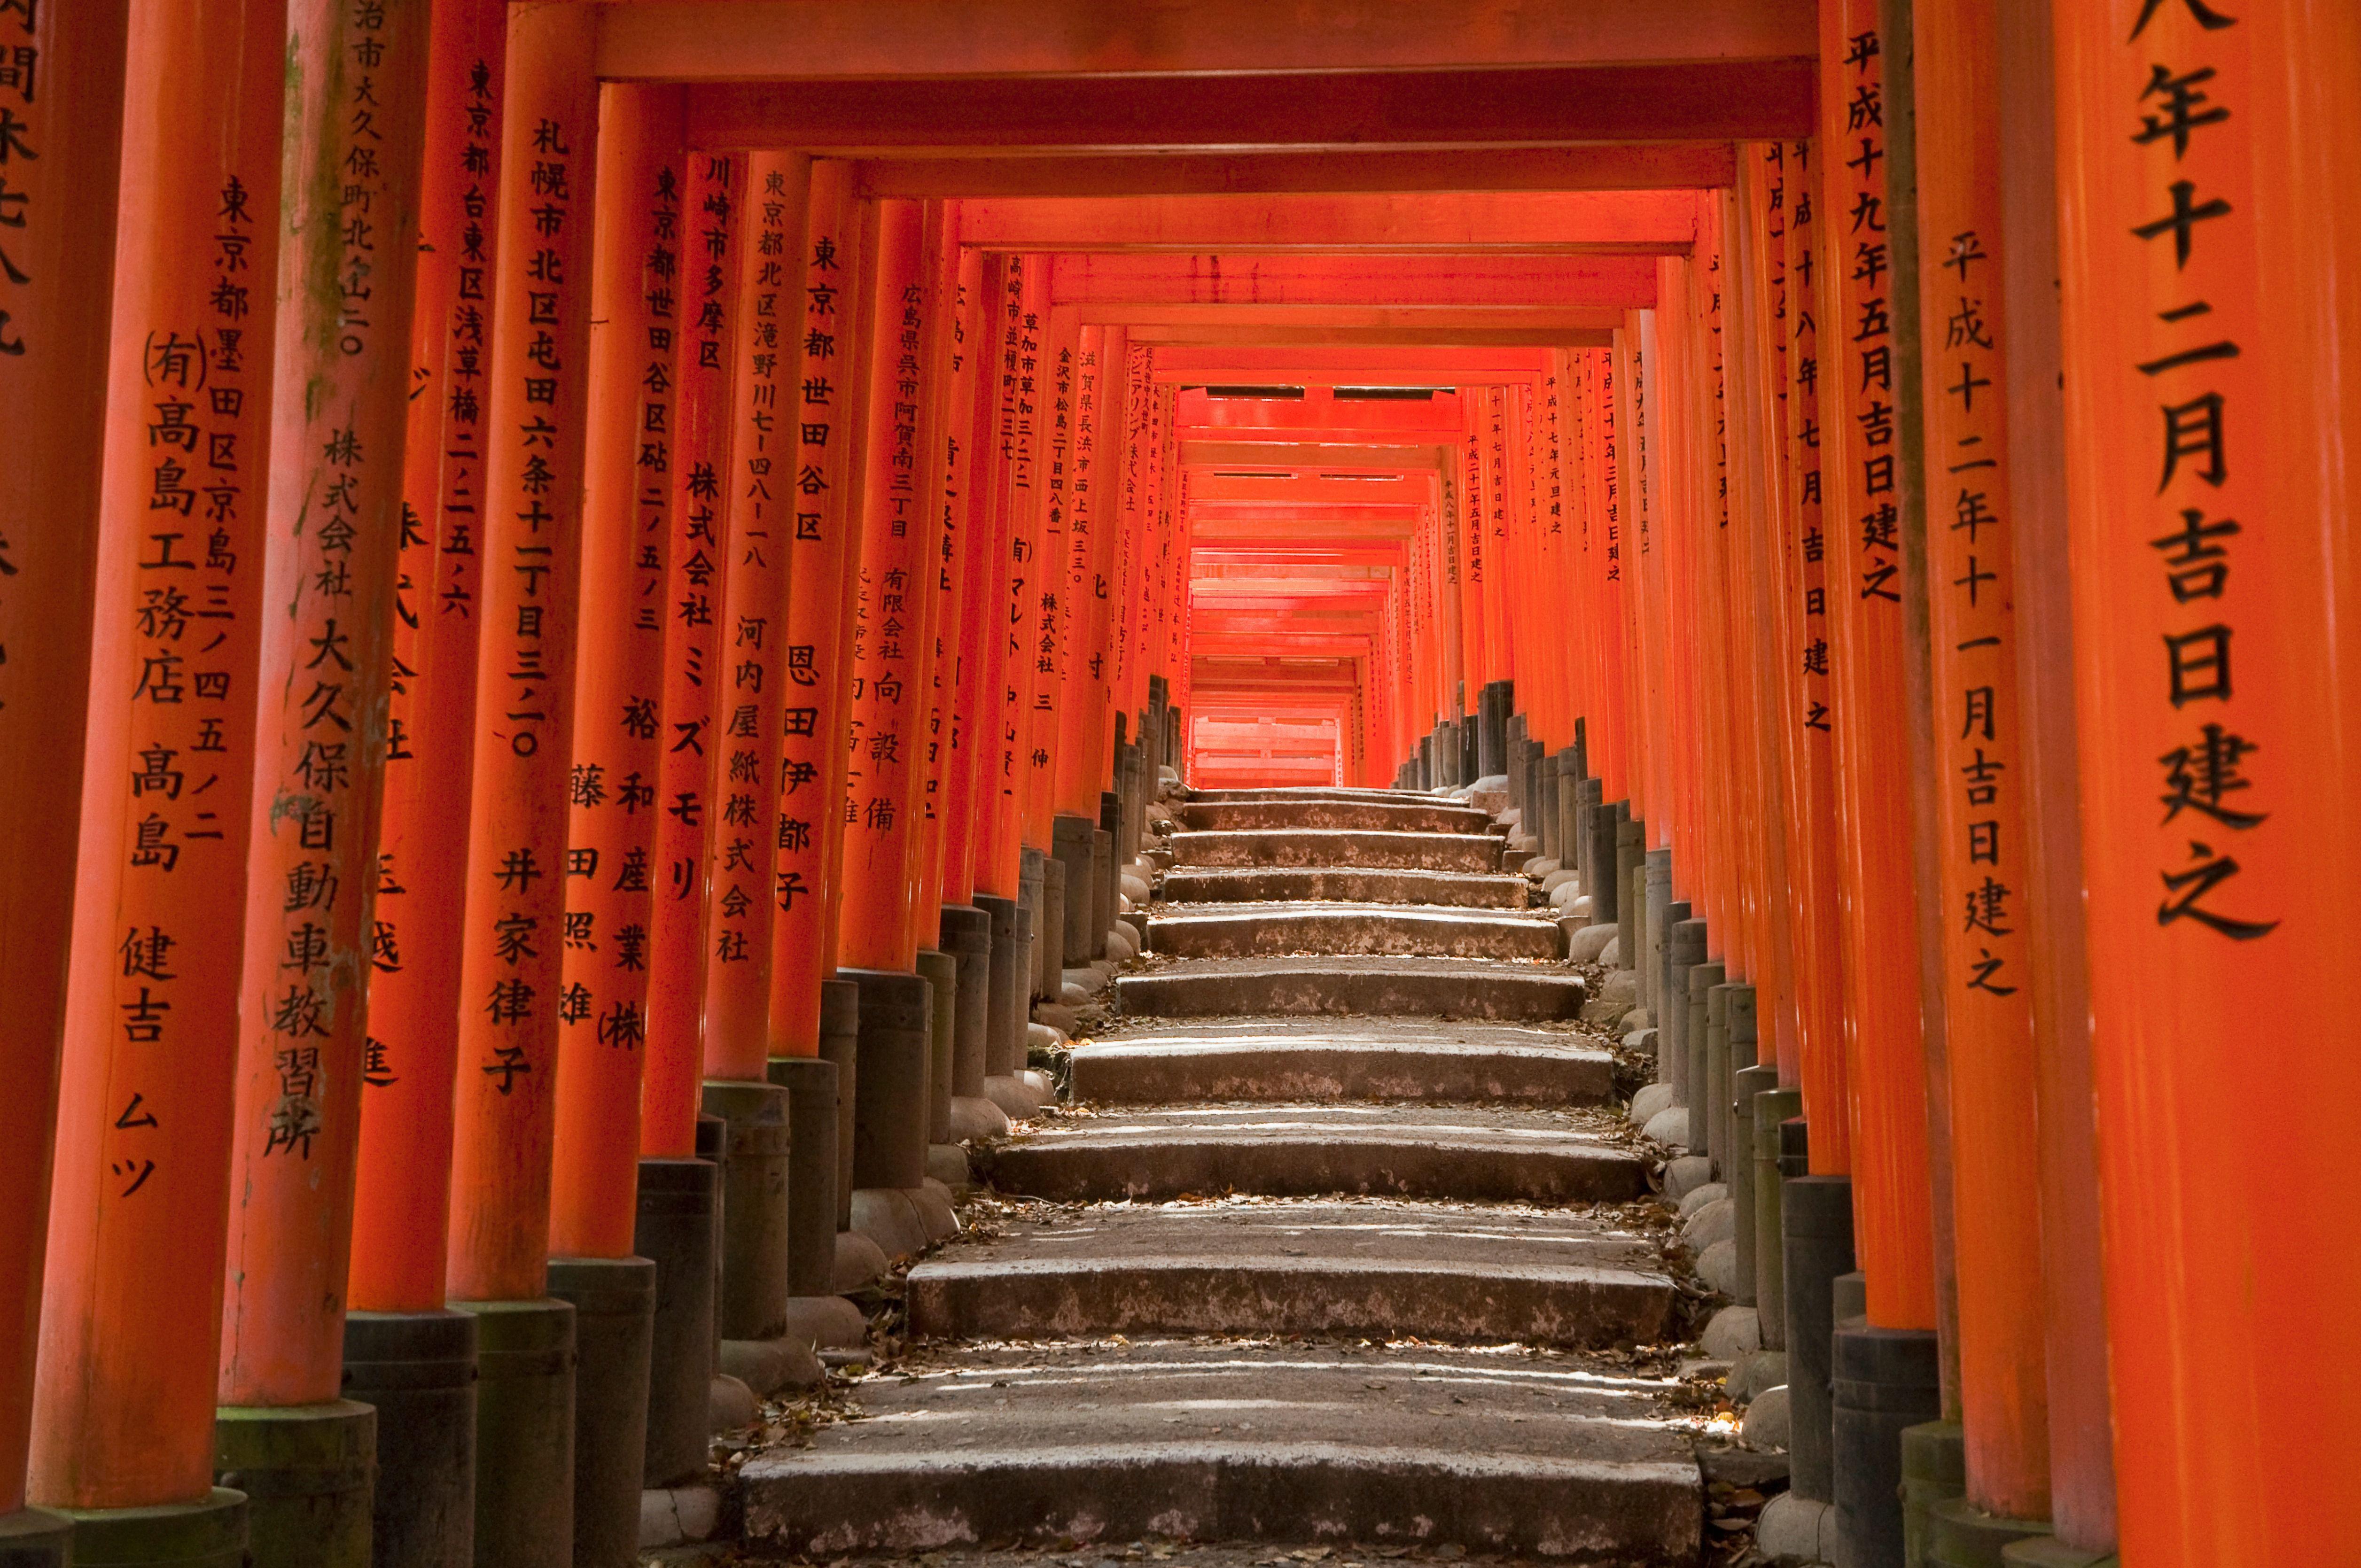 Escalera de columnas en el santuario Fushimi Inari, Kyoto, Japón